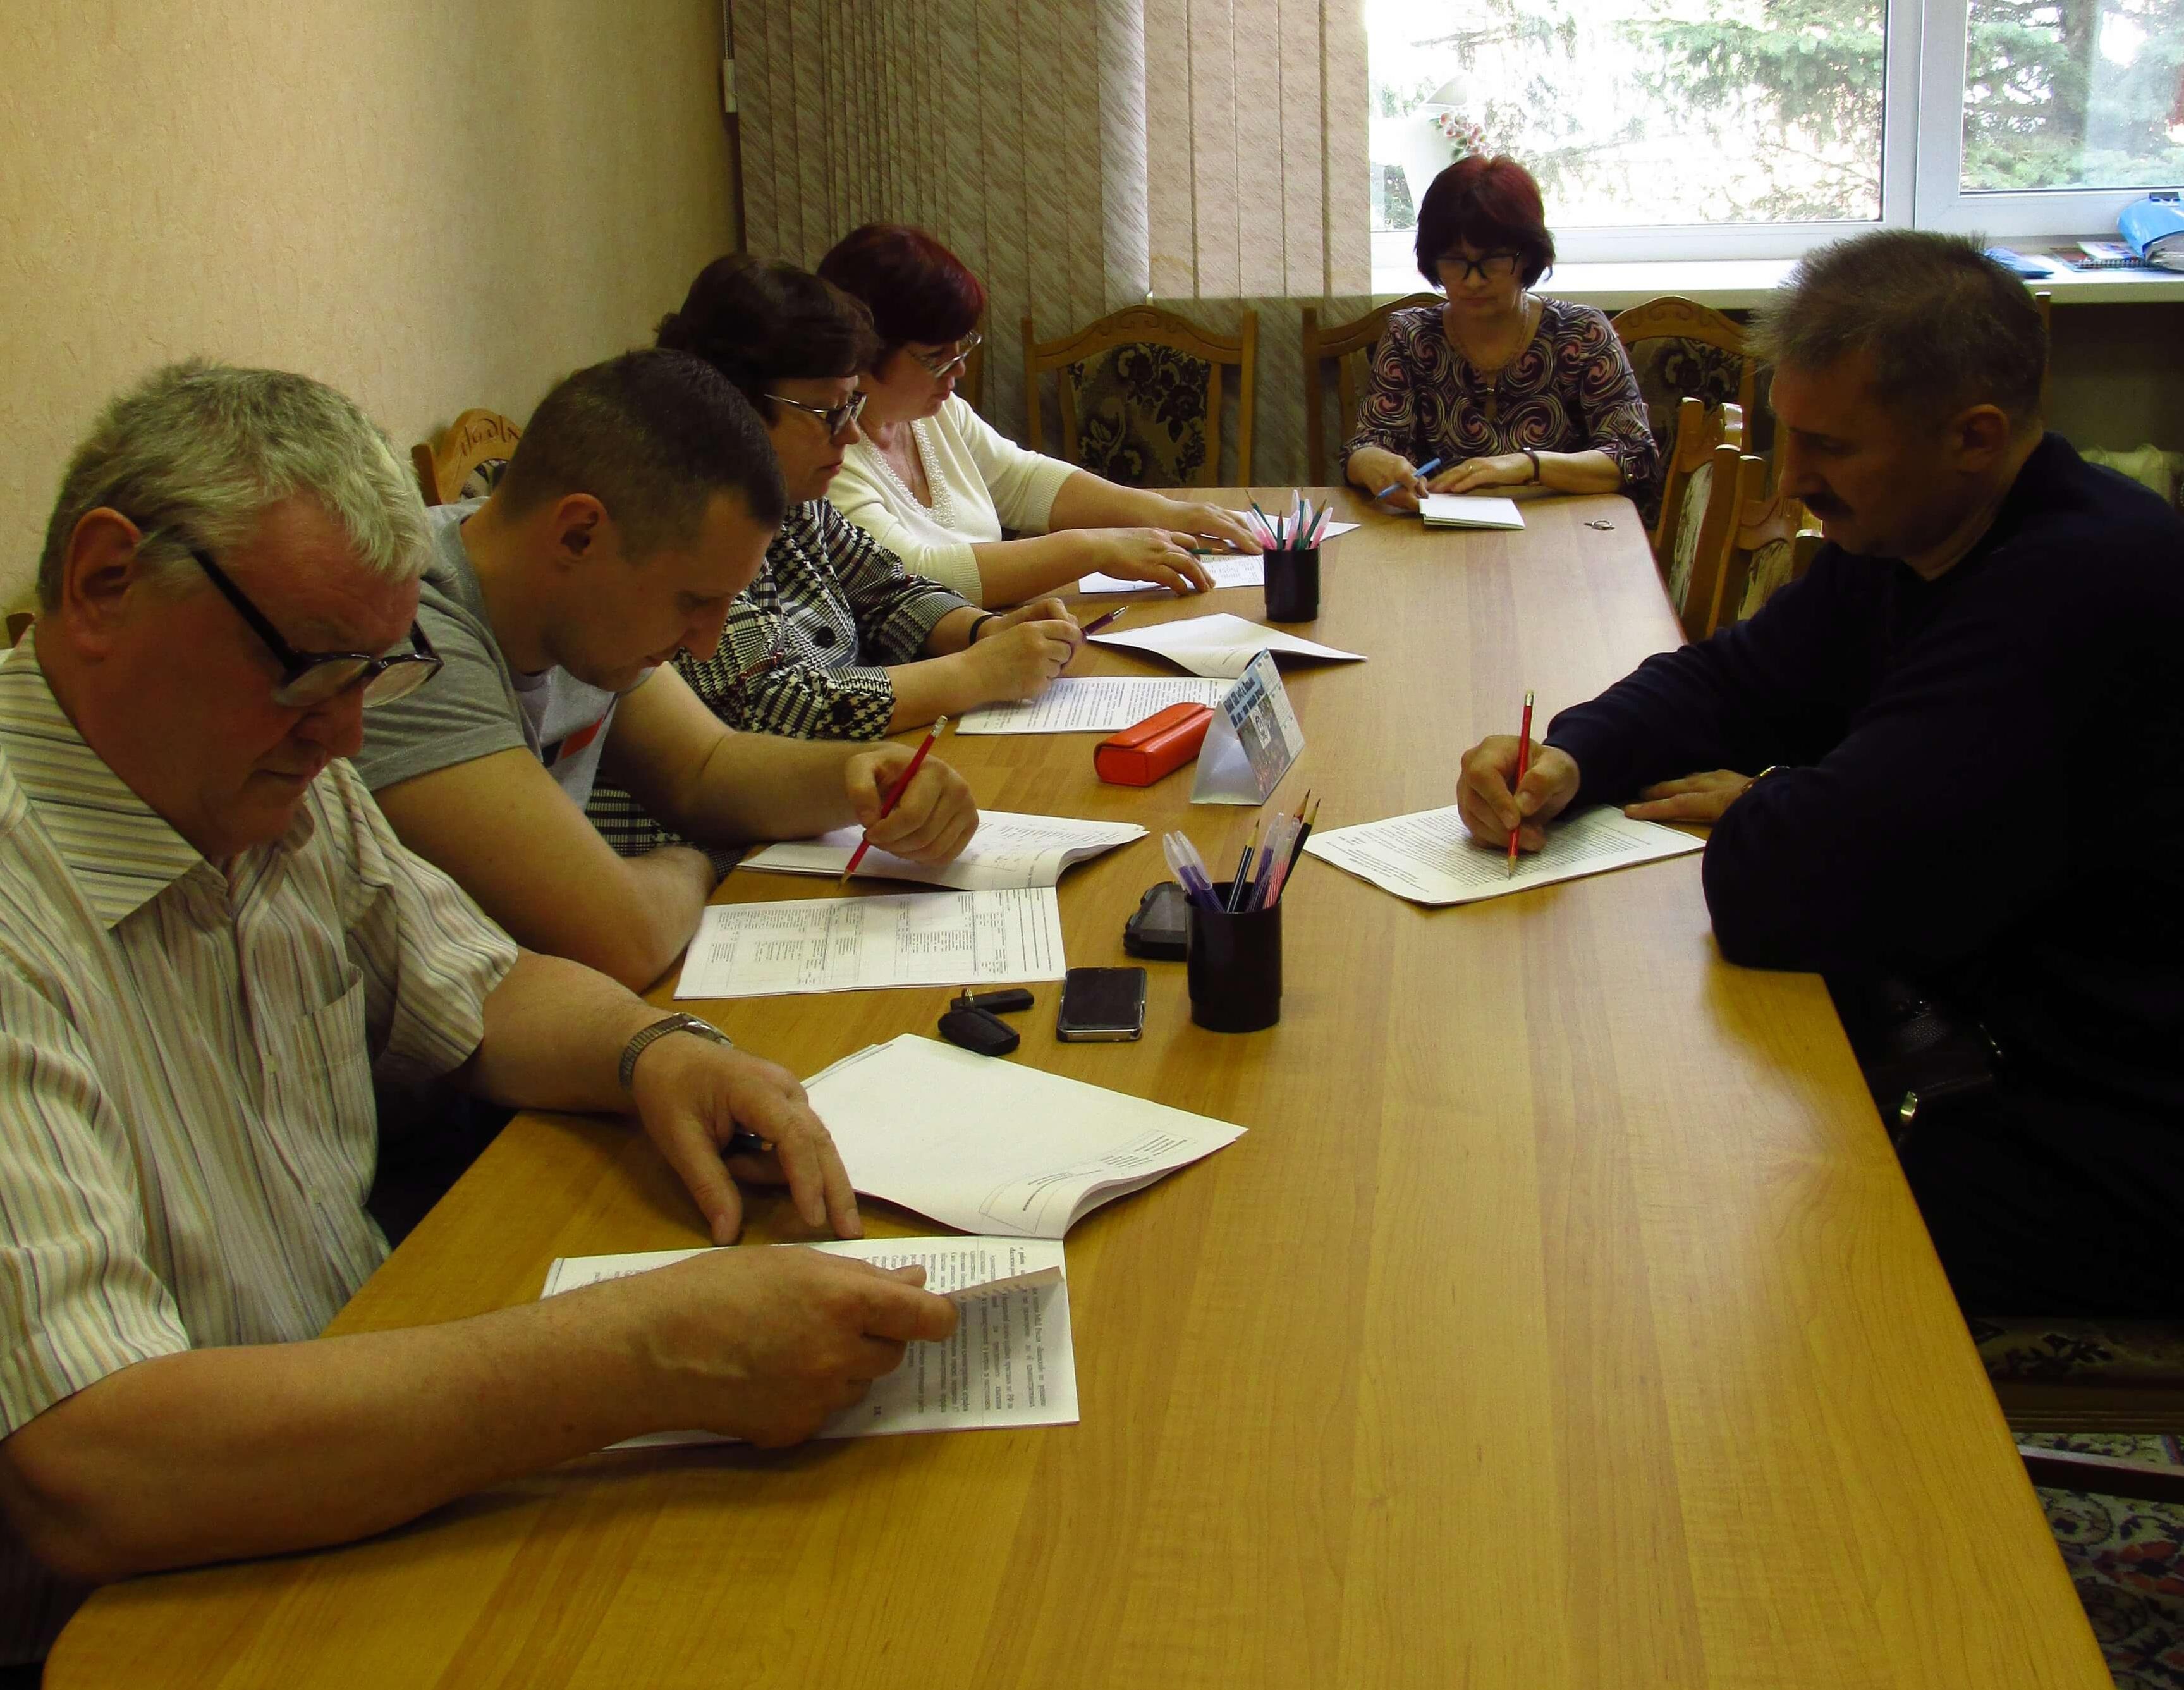 Заседание постоянной комиссии по промышленности, предпринимательству, сельскому хозяйству и природопользованию Вяземского районного Совета депутатов